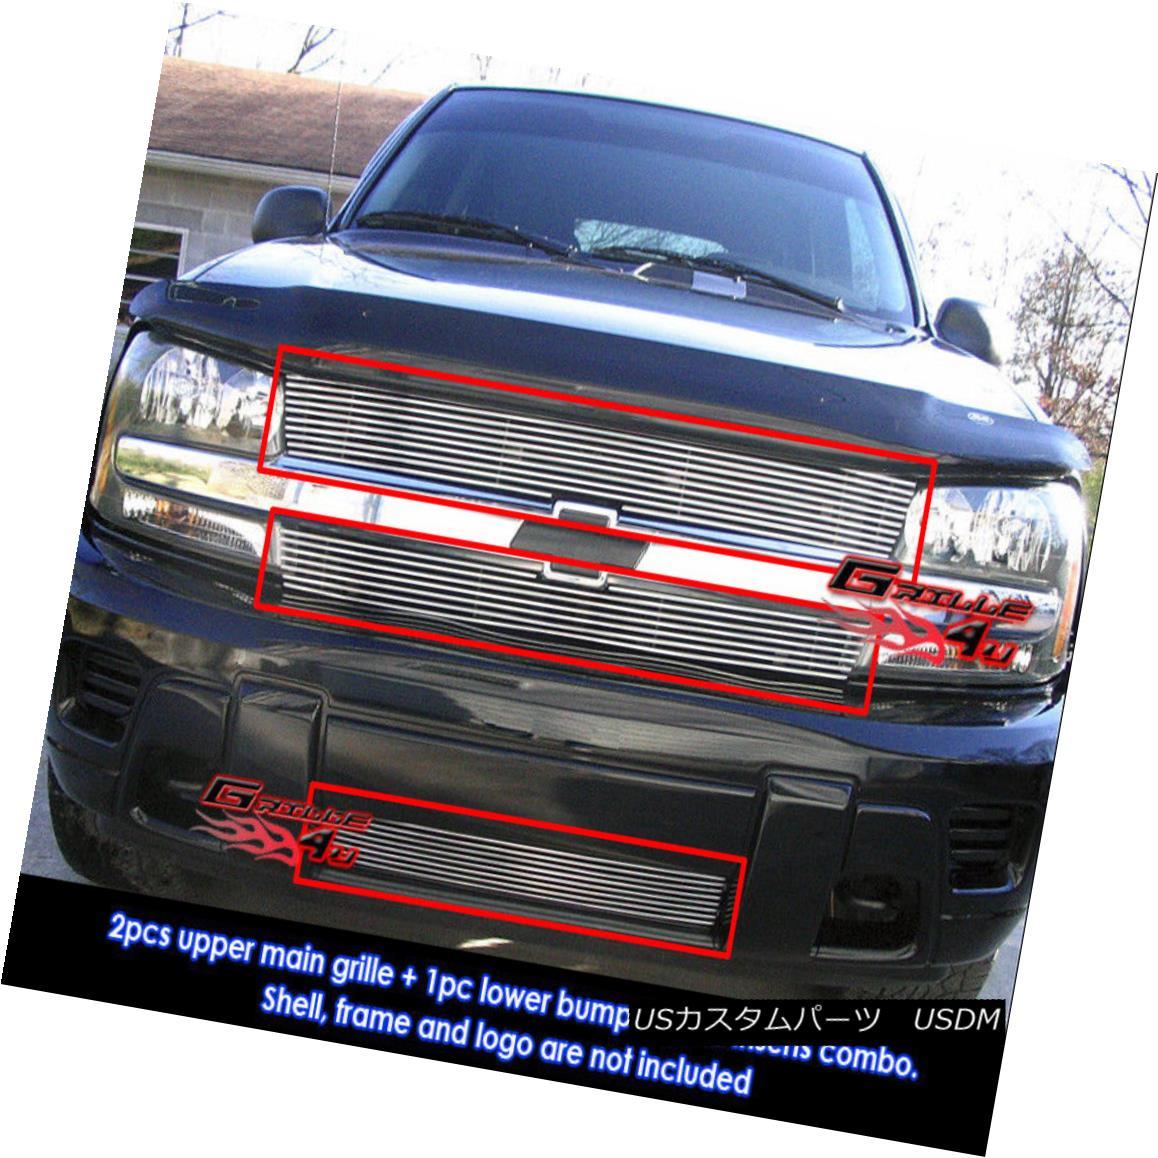 グリル Fits 02-05 Chevy Trailblazer LT/LS/SS Billet Grille Combo フィット02-05シボレートレイルブレイザーLT / LS / SSビレットグリルコンボ